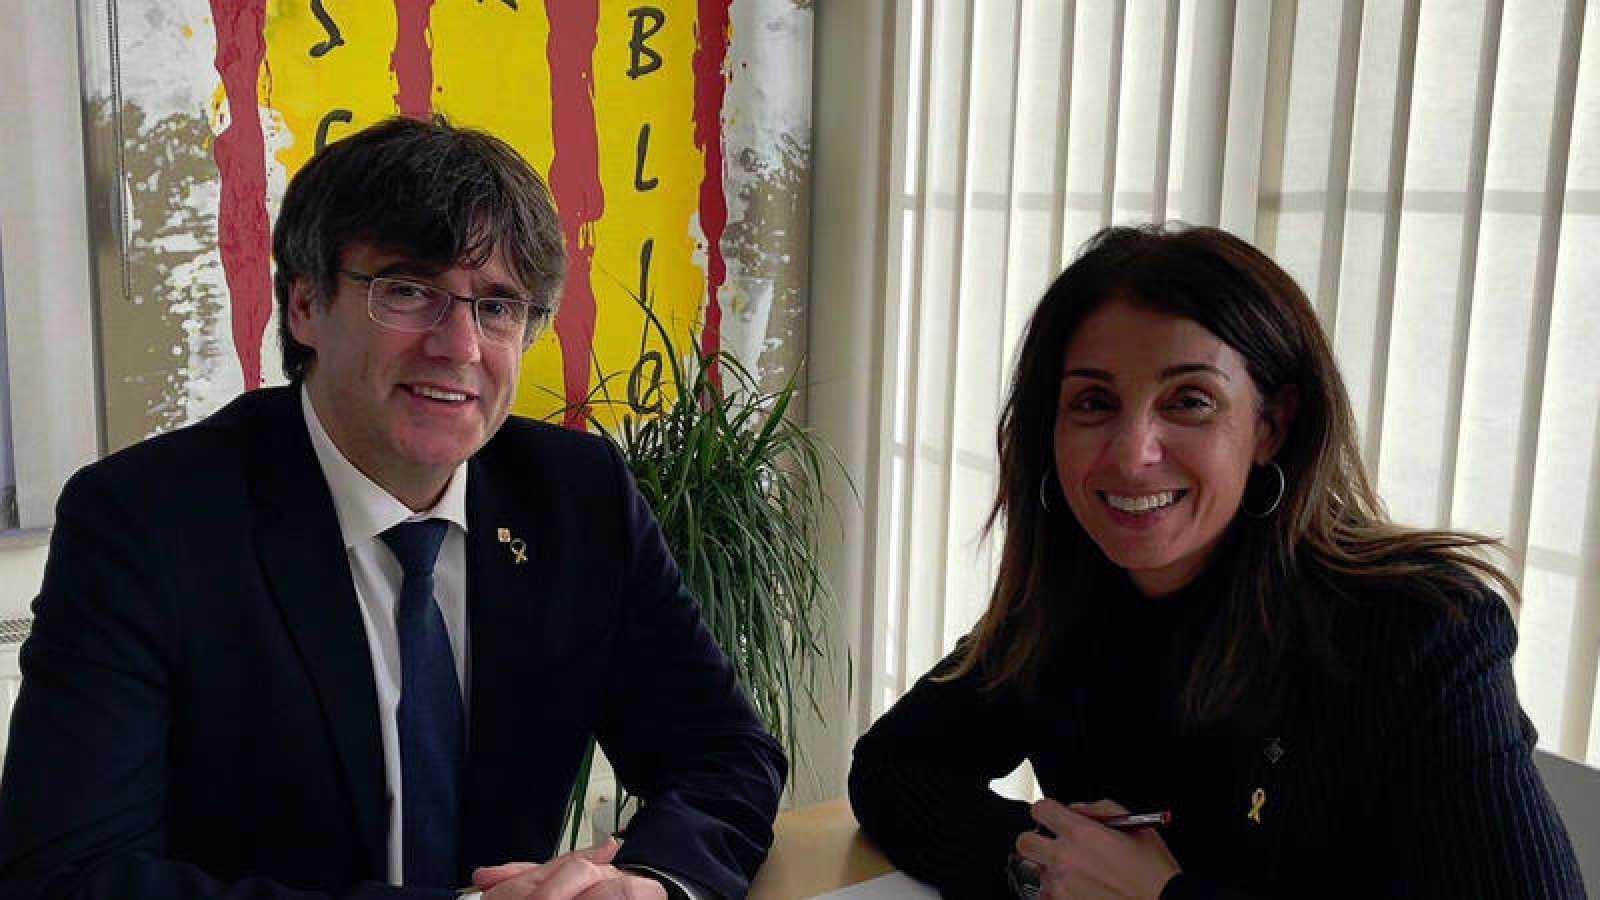 La alcaldesa de la Garriga, Meritxell Budó, en una imagen junto al expresidente catalán Carles Puigdemont